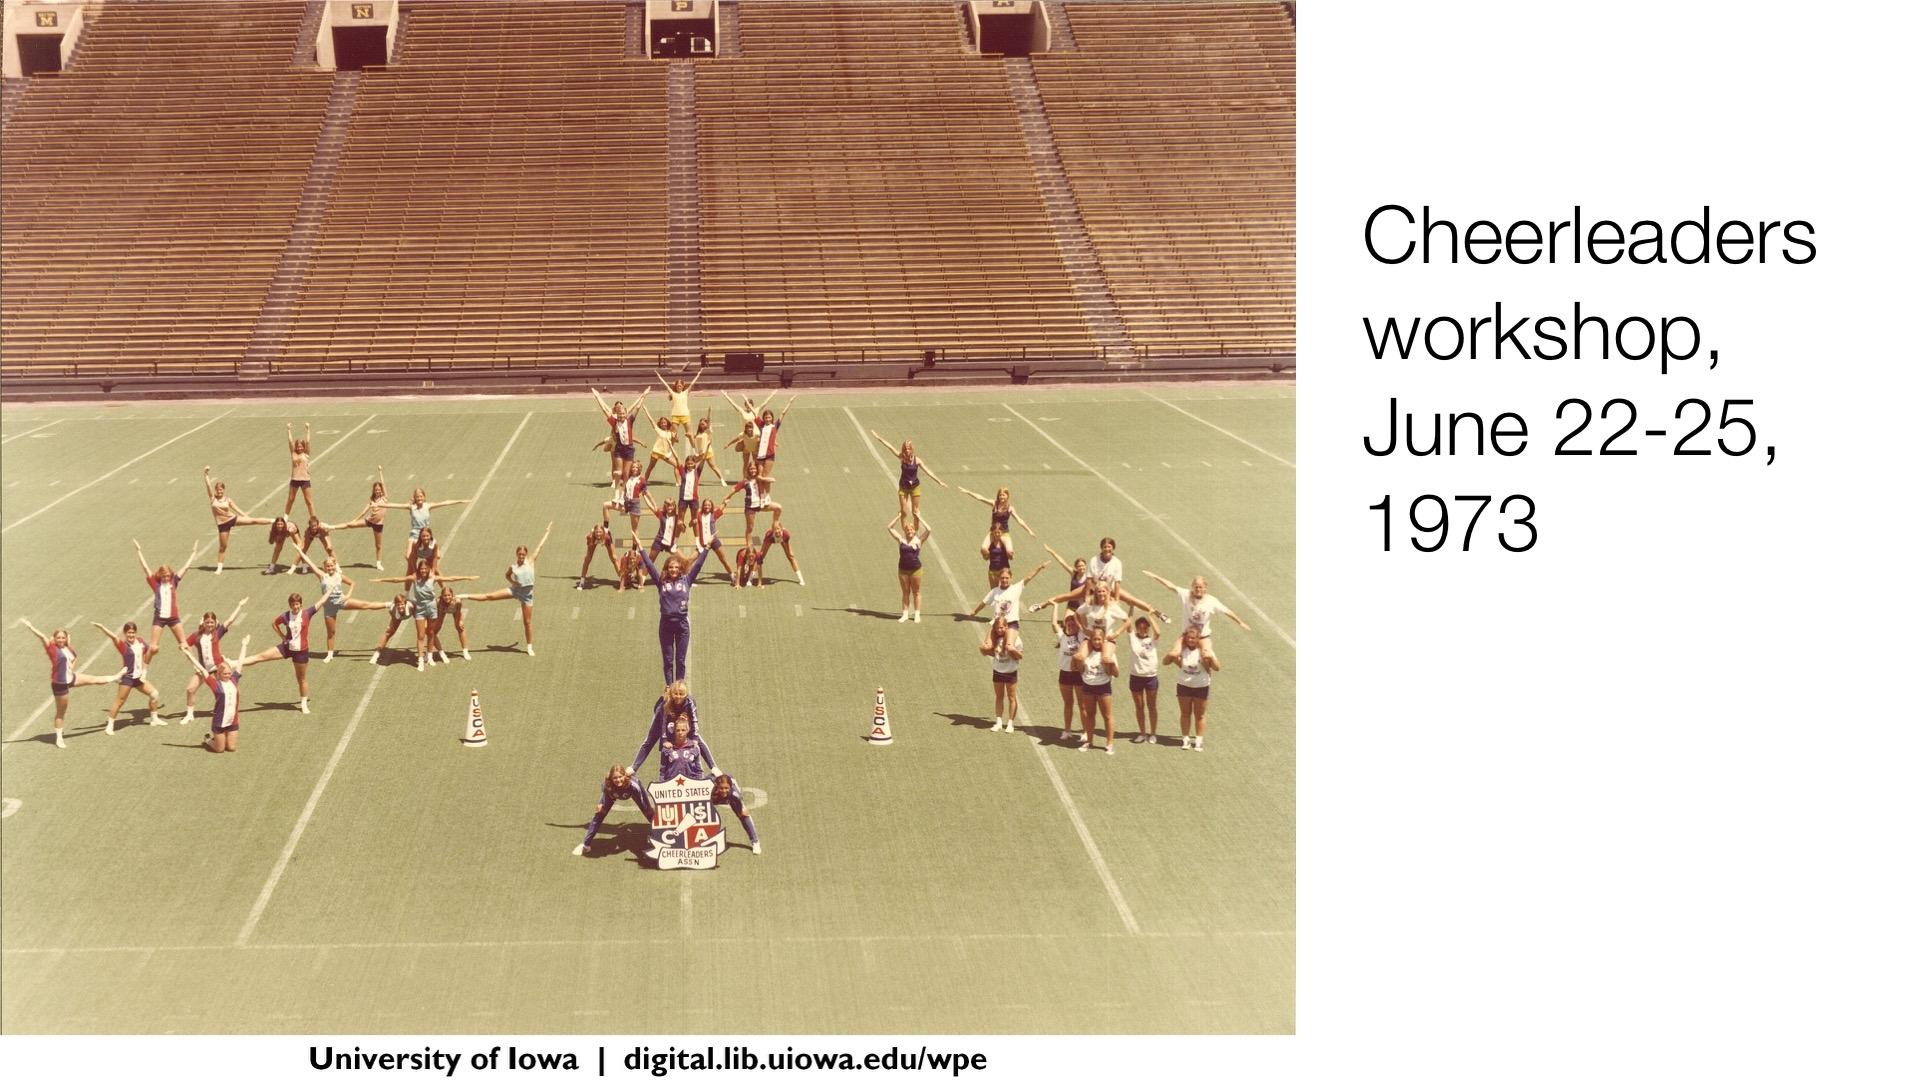 Cheerleaders workshop, June 22-25 1973